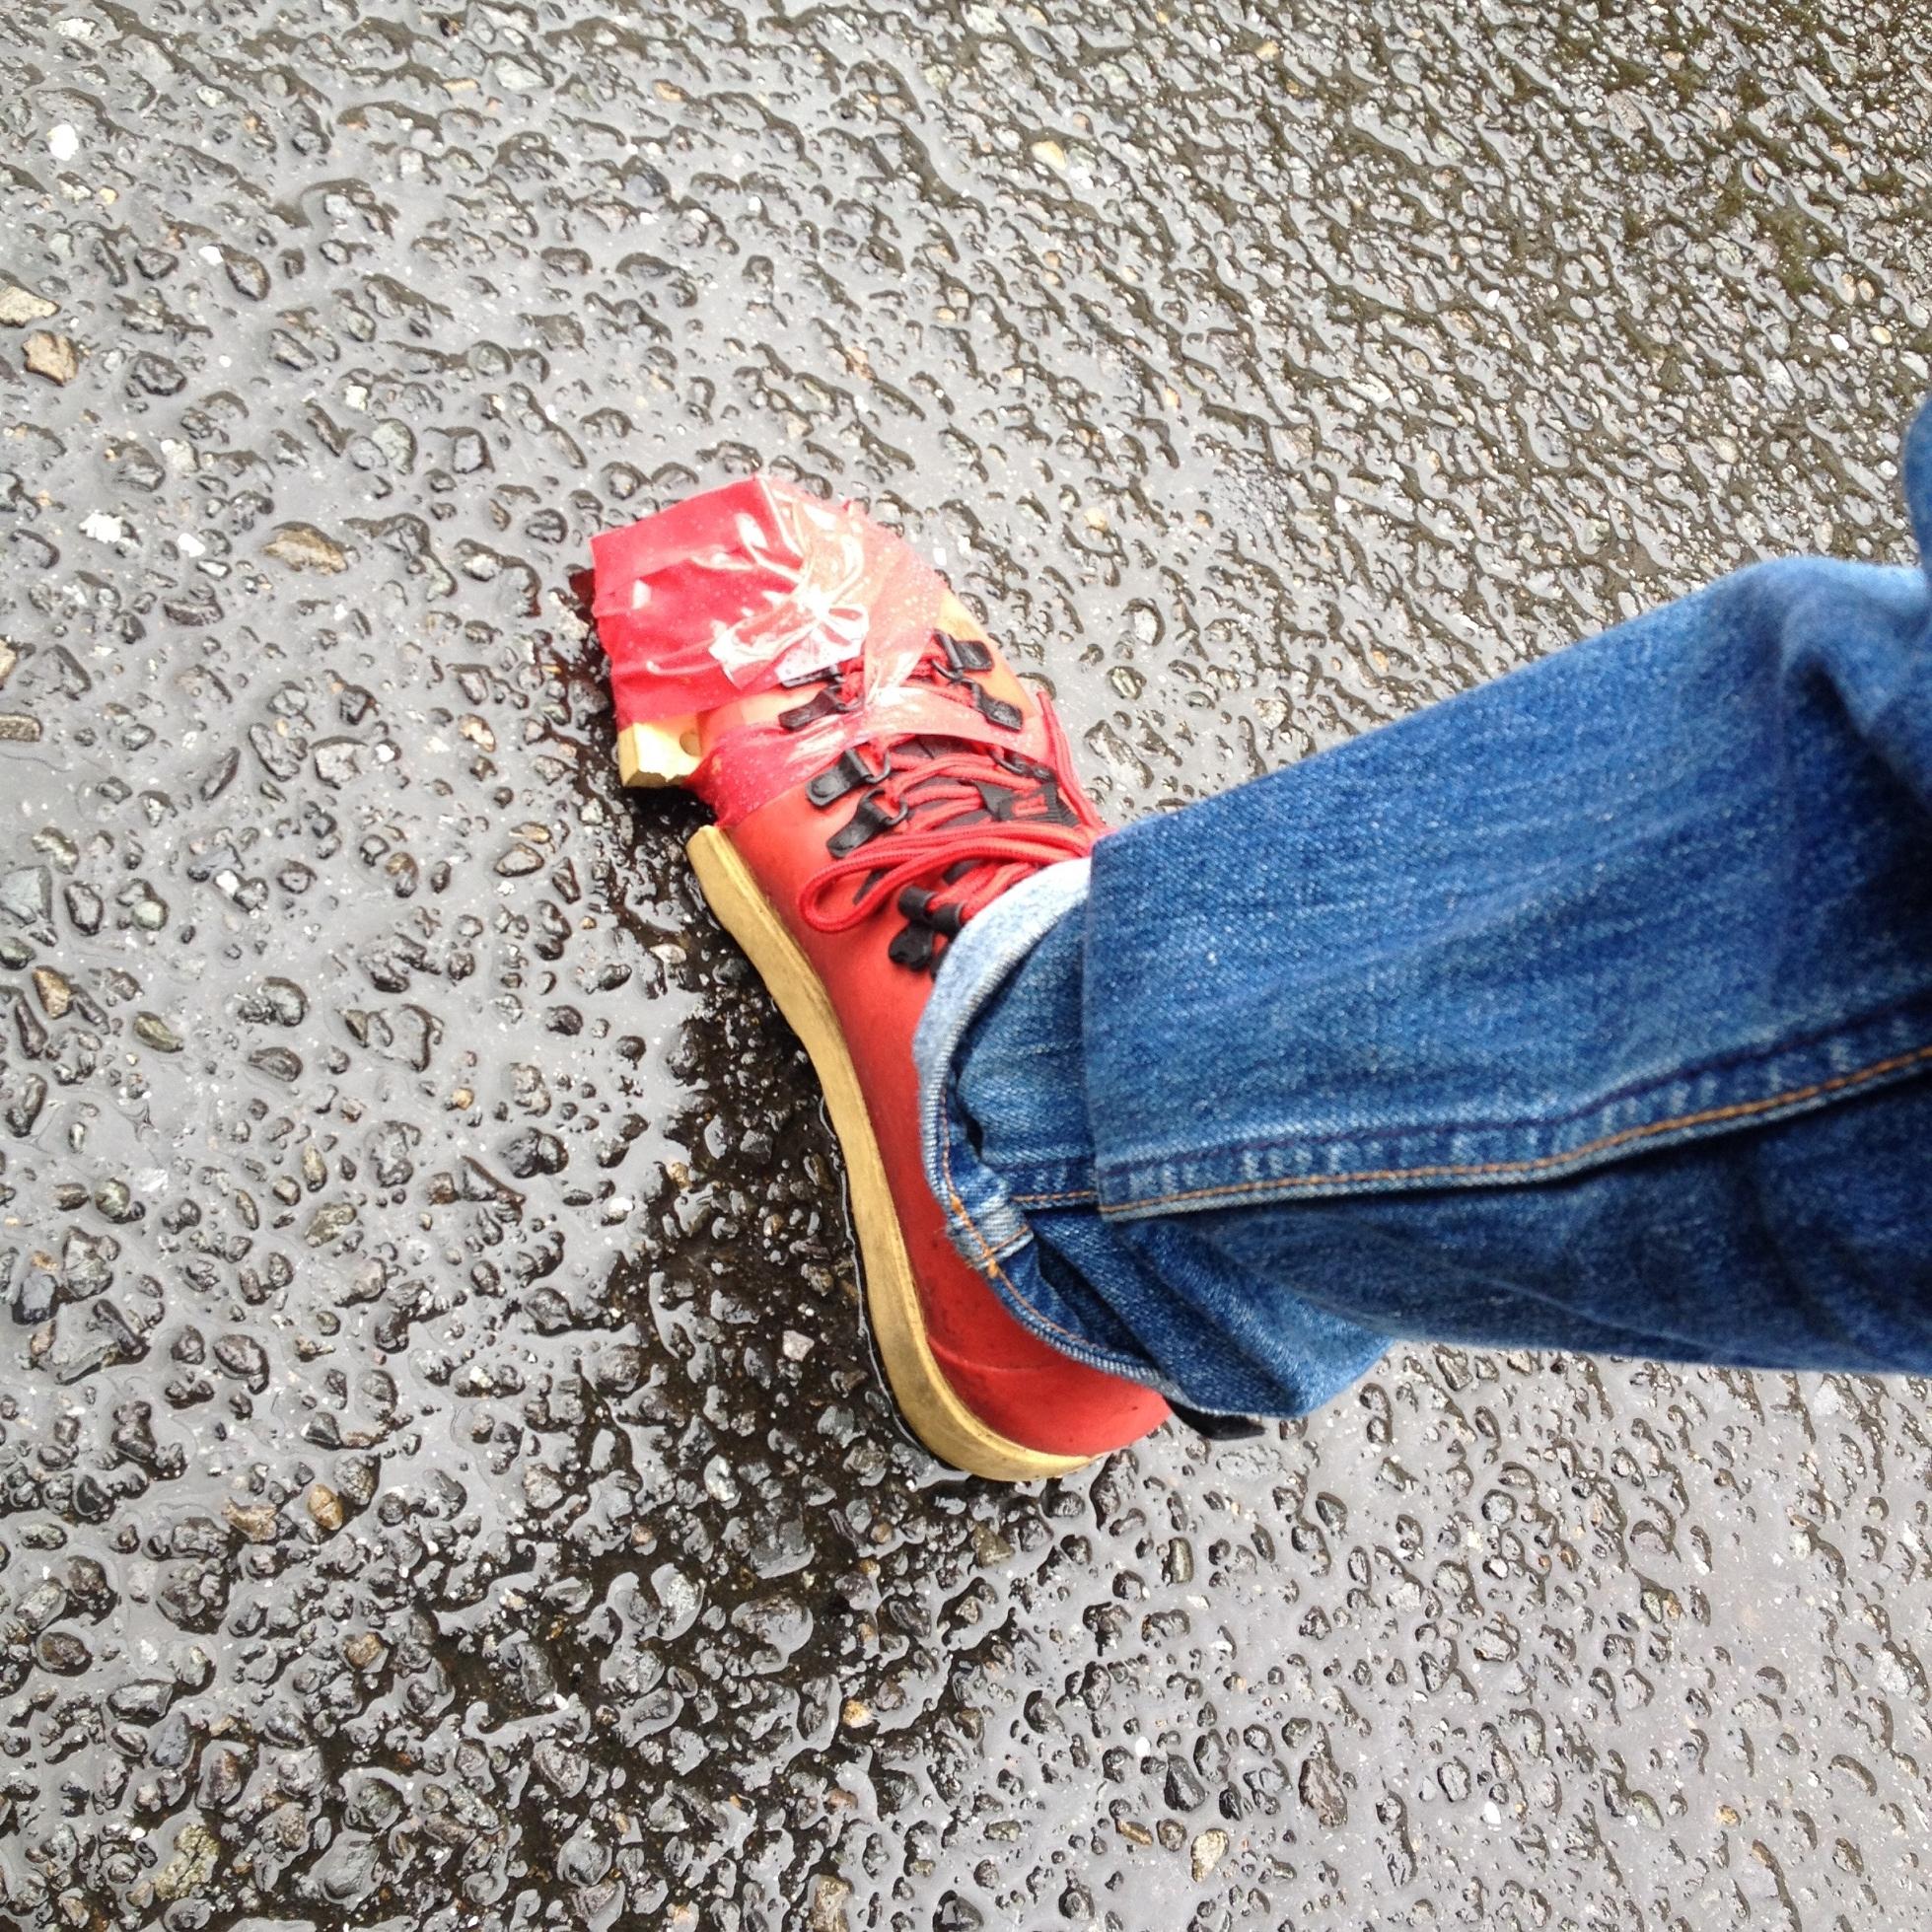 爪先底の剥がれた靴、応急修理崩壊中